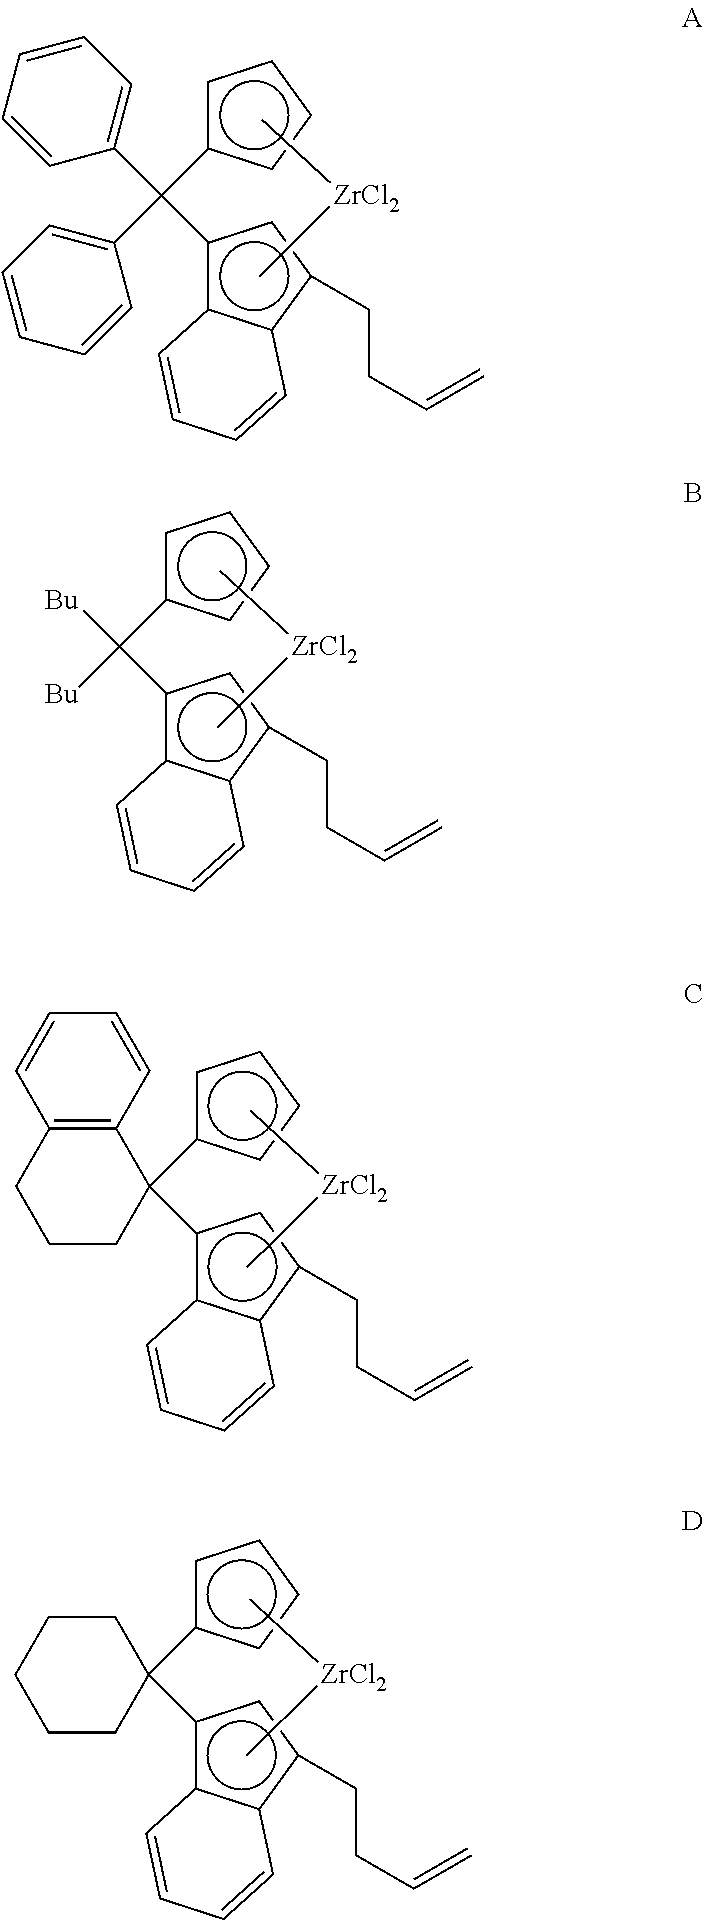 Figure US09758600-20170912-C00017